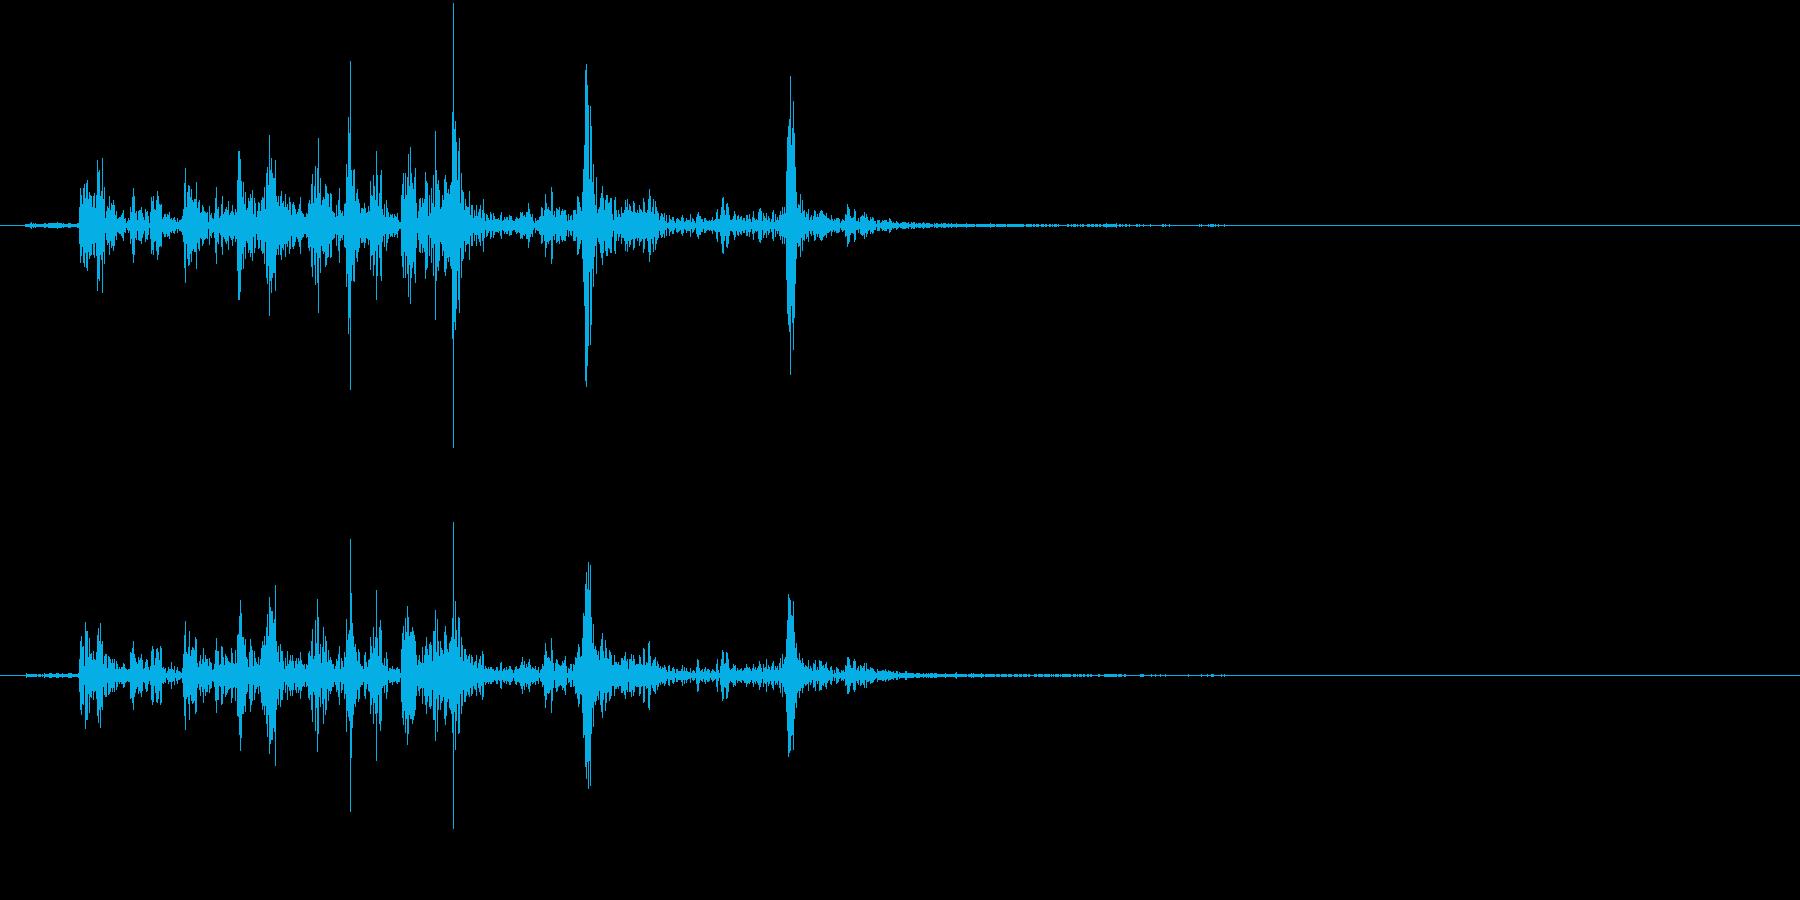 【生録音】カッターナイフの音 16の再生済みの波形